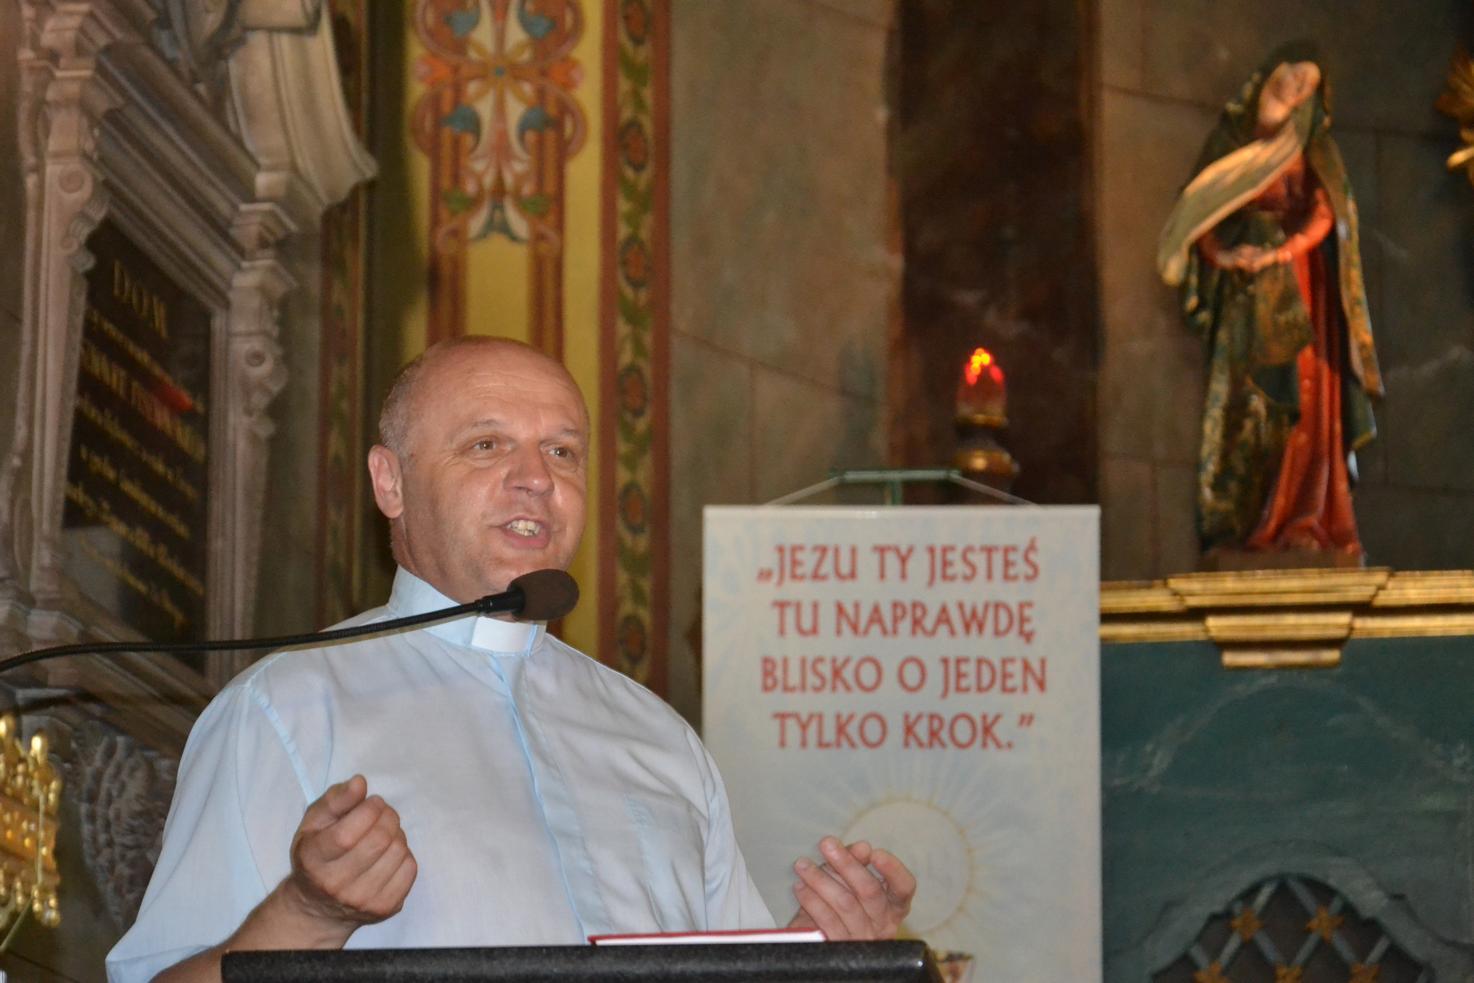 Trzeci dzień pielgrzymki do Kalwarii Pacławskiej 401 (103)